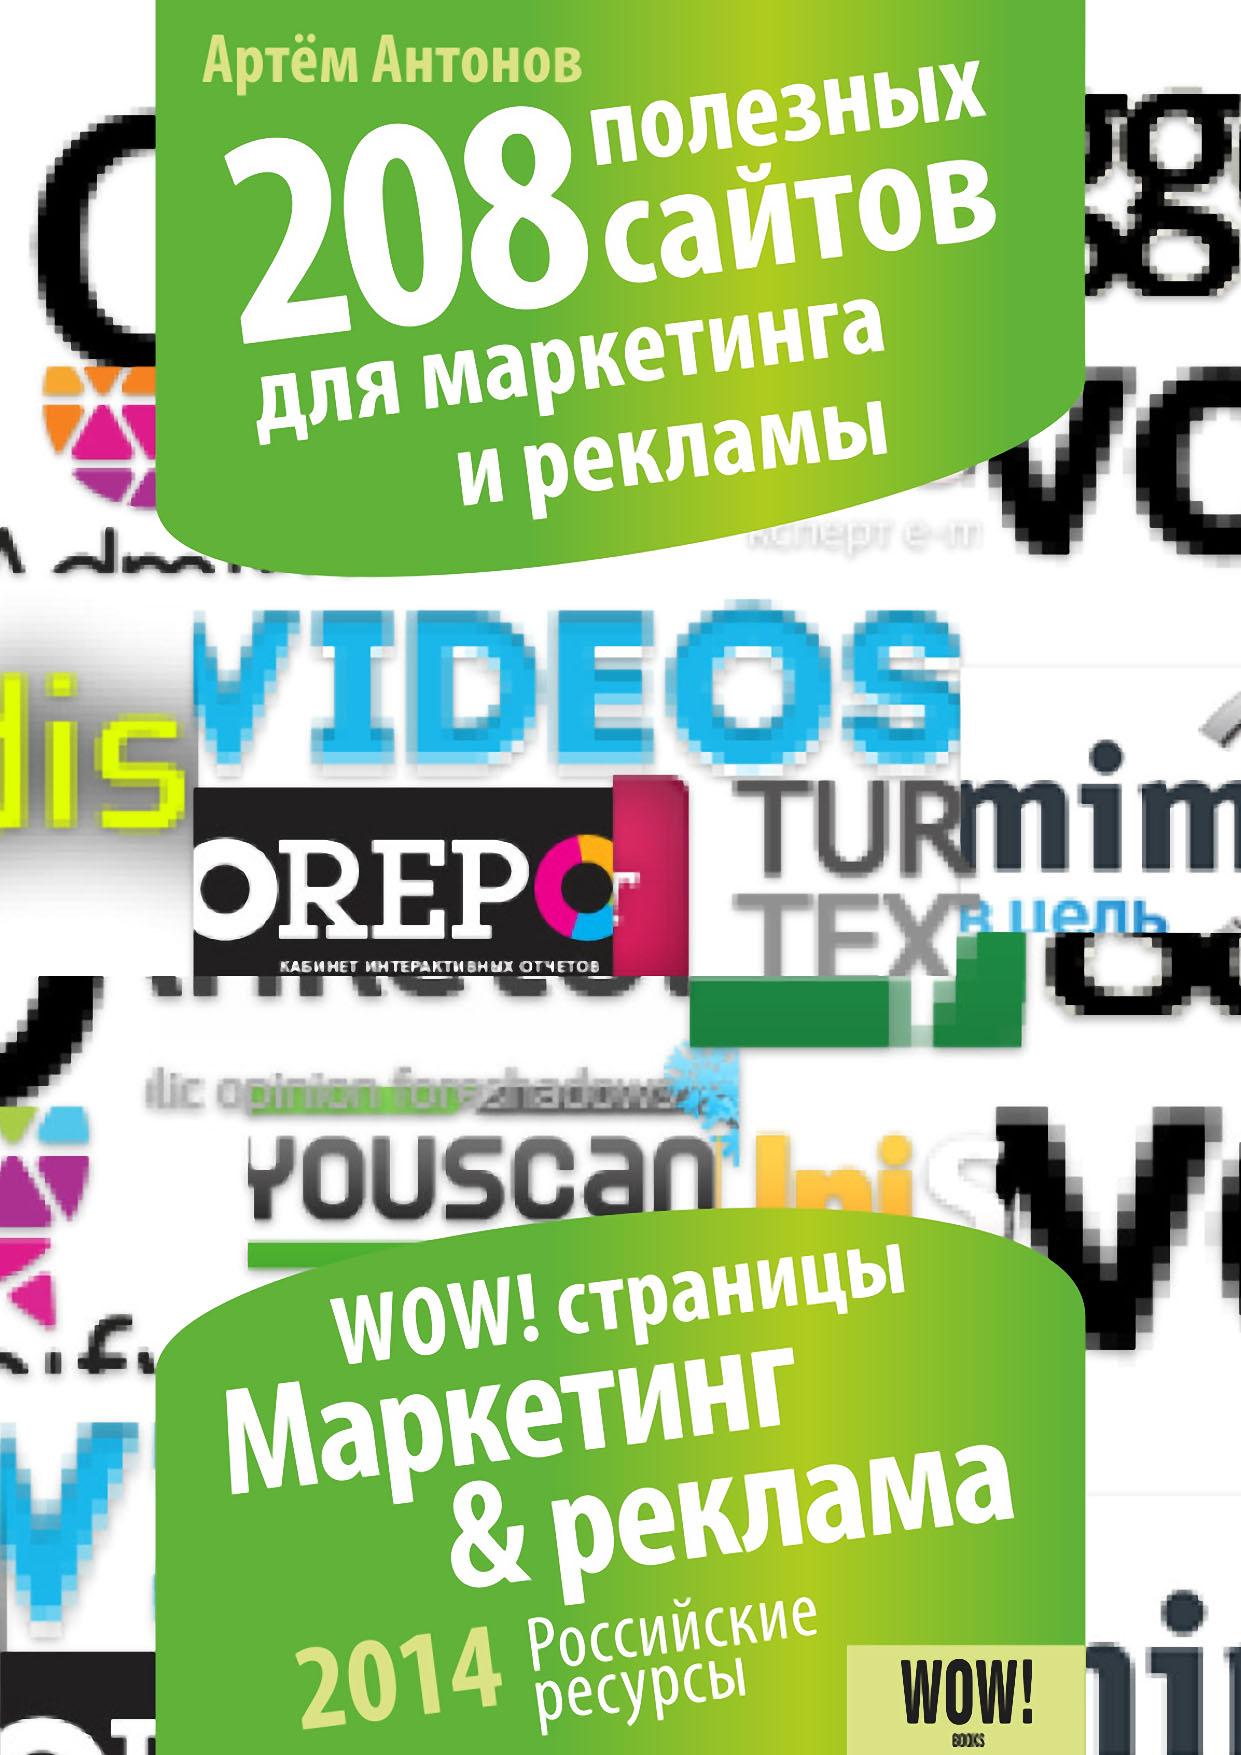 208полезных сайтов для маркетинга и рекламы